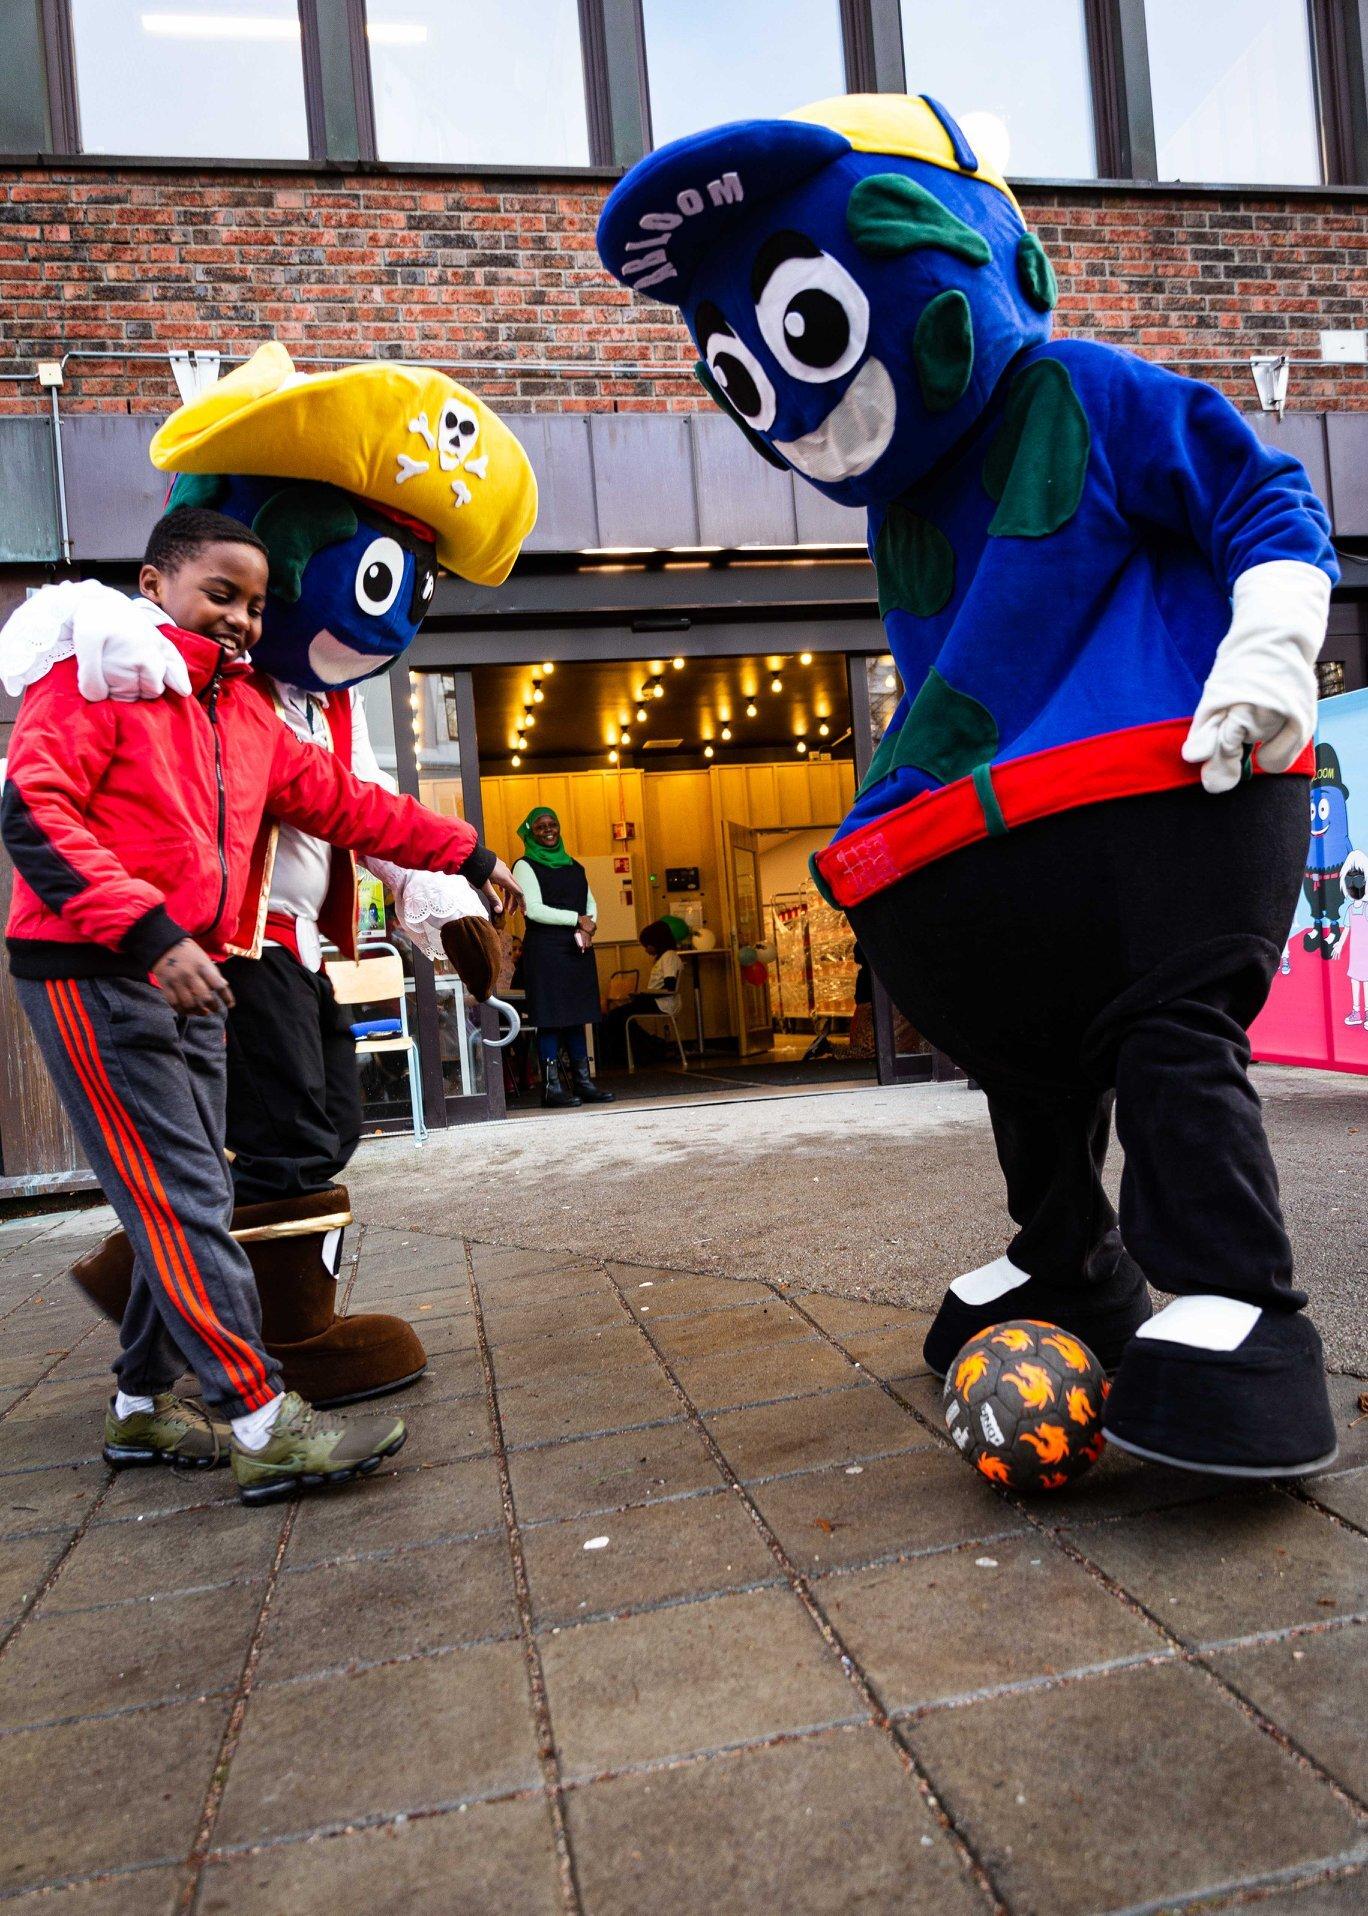 Flere ville både danse og spille ball med Abloom. Foto: Alf Andreas Grønli Simensen.